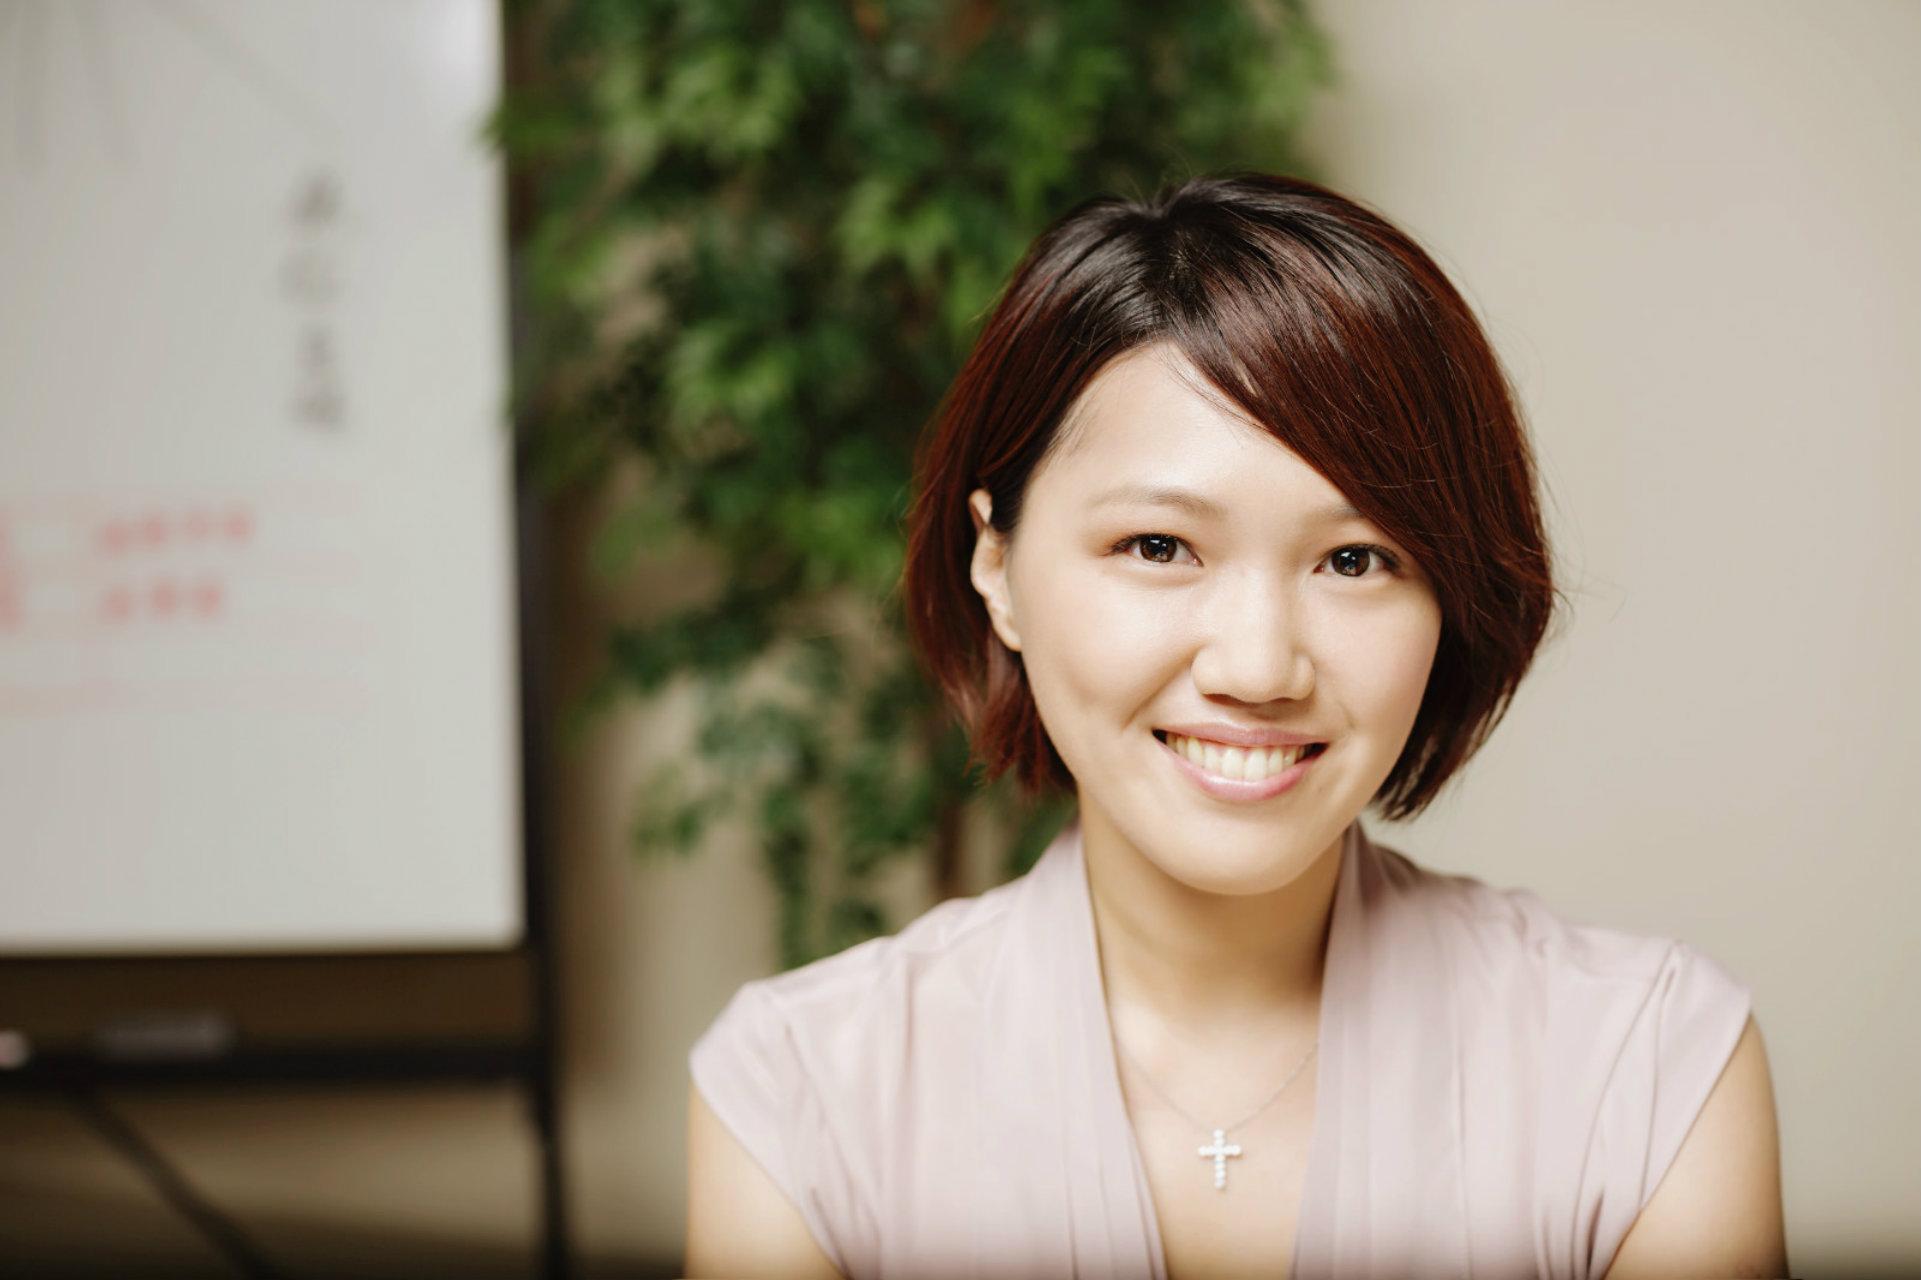 行銷和你想的不同 - 從美妝到美國生技公司 Scanadu 行銷經理 Elinor